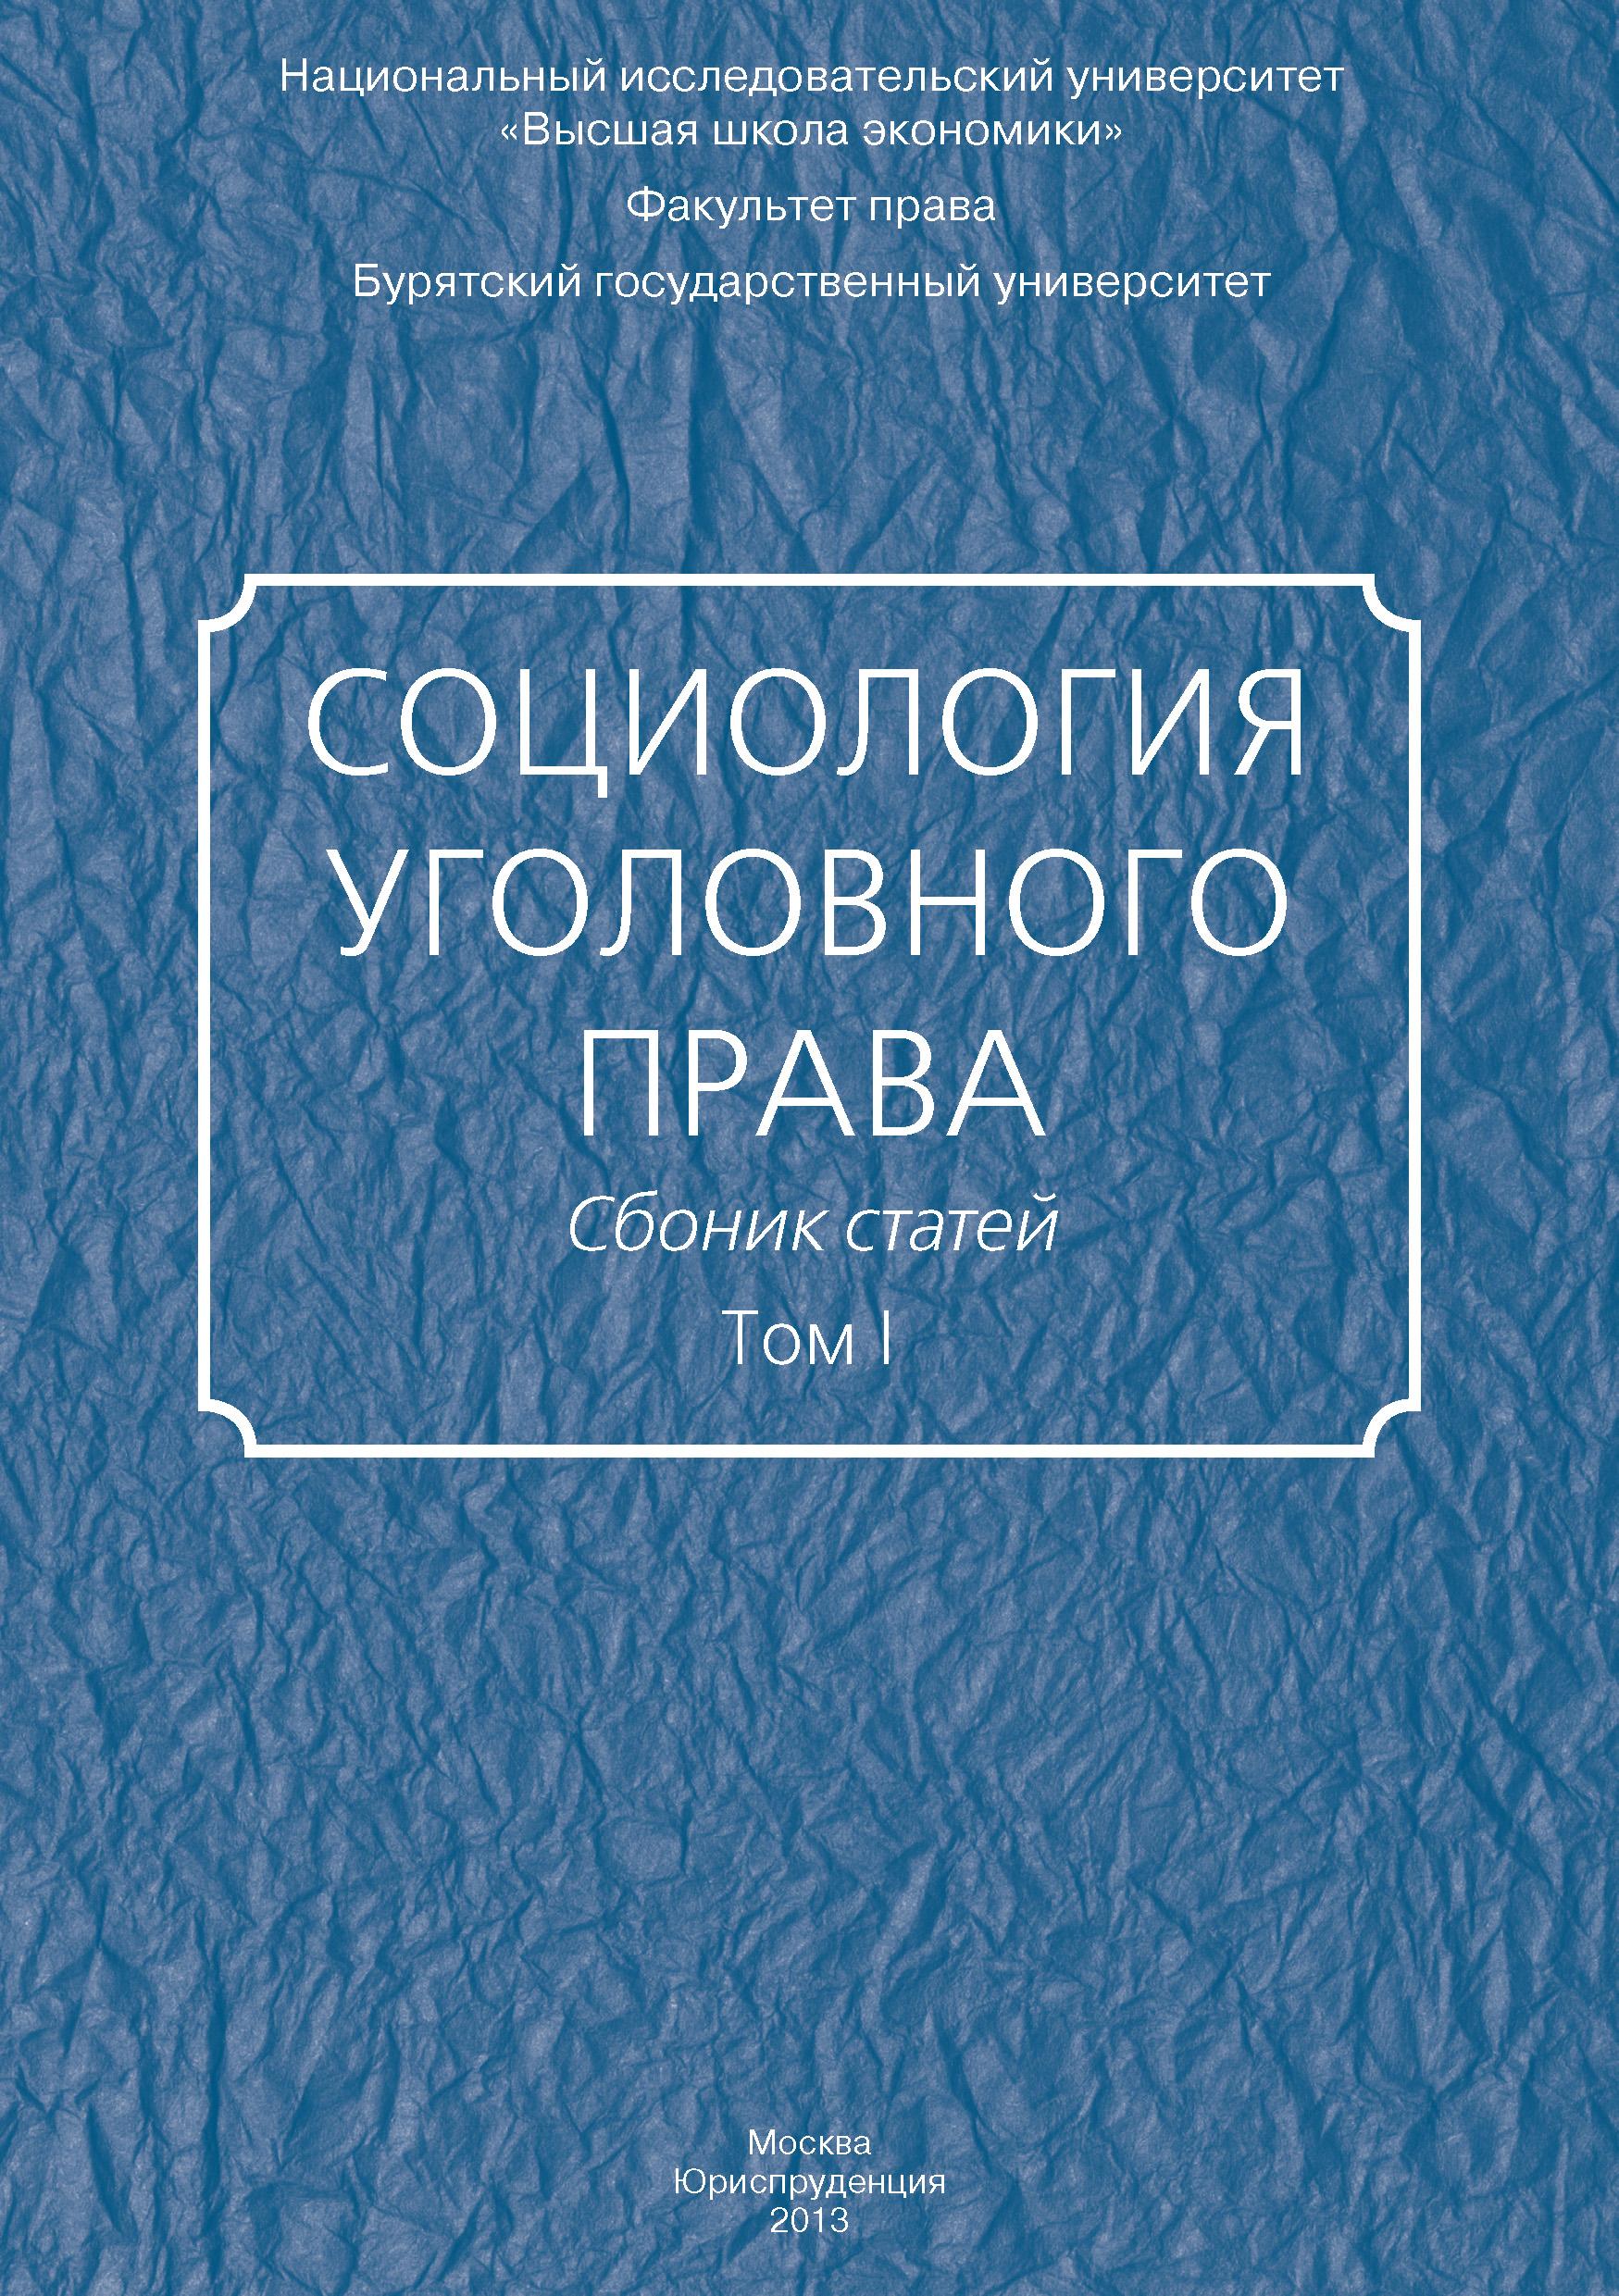 Социология уголовного права. Сборник статей. Том I